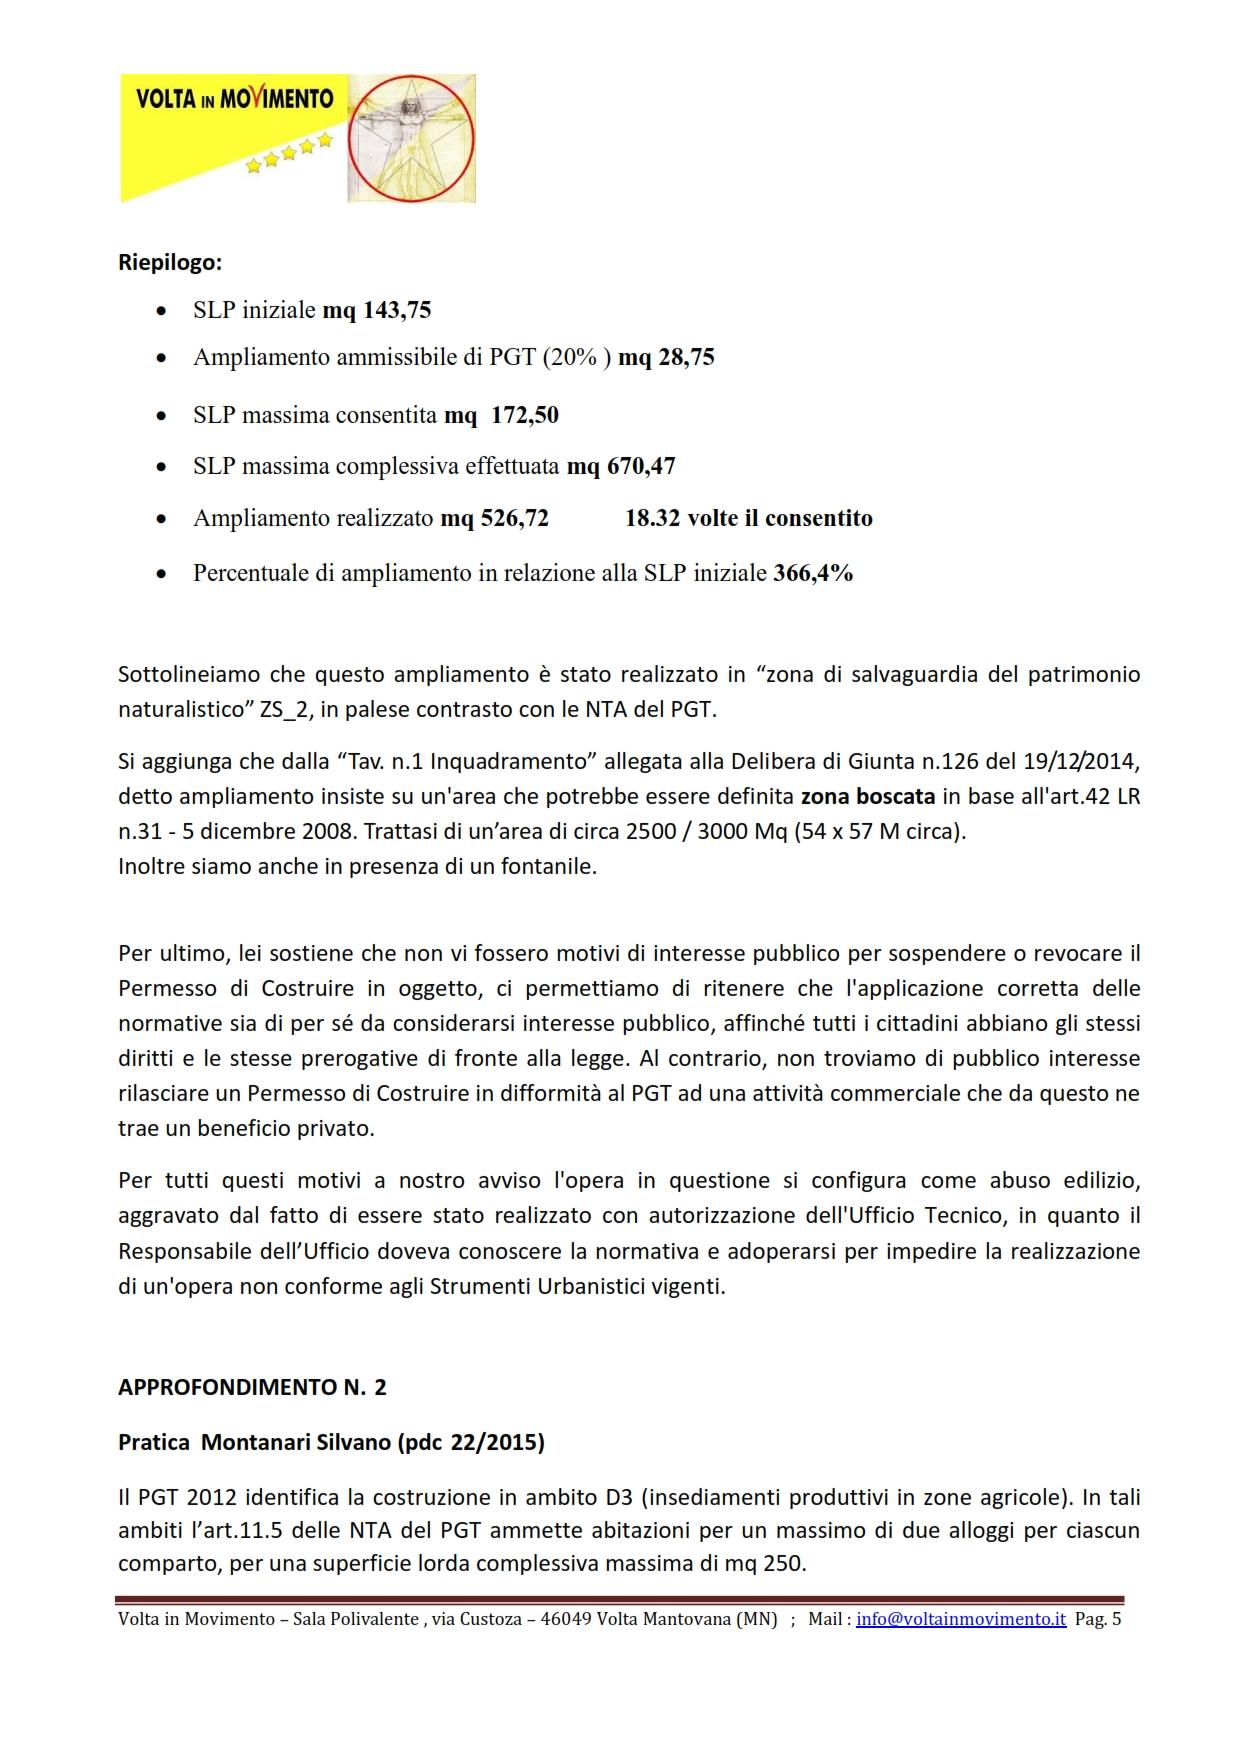 replica-alla-relazione-del-geom-milani-30-luglio-2016_005